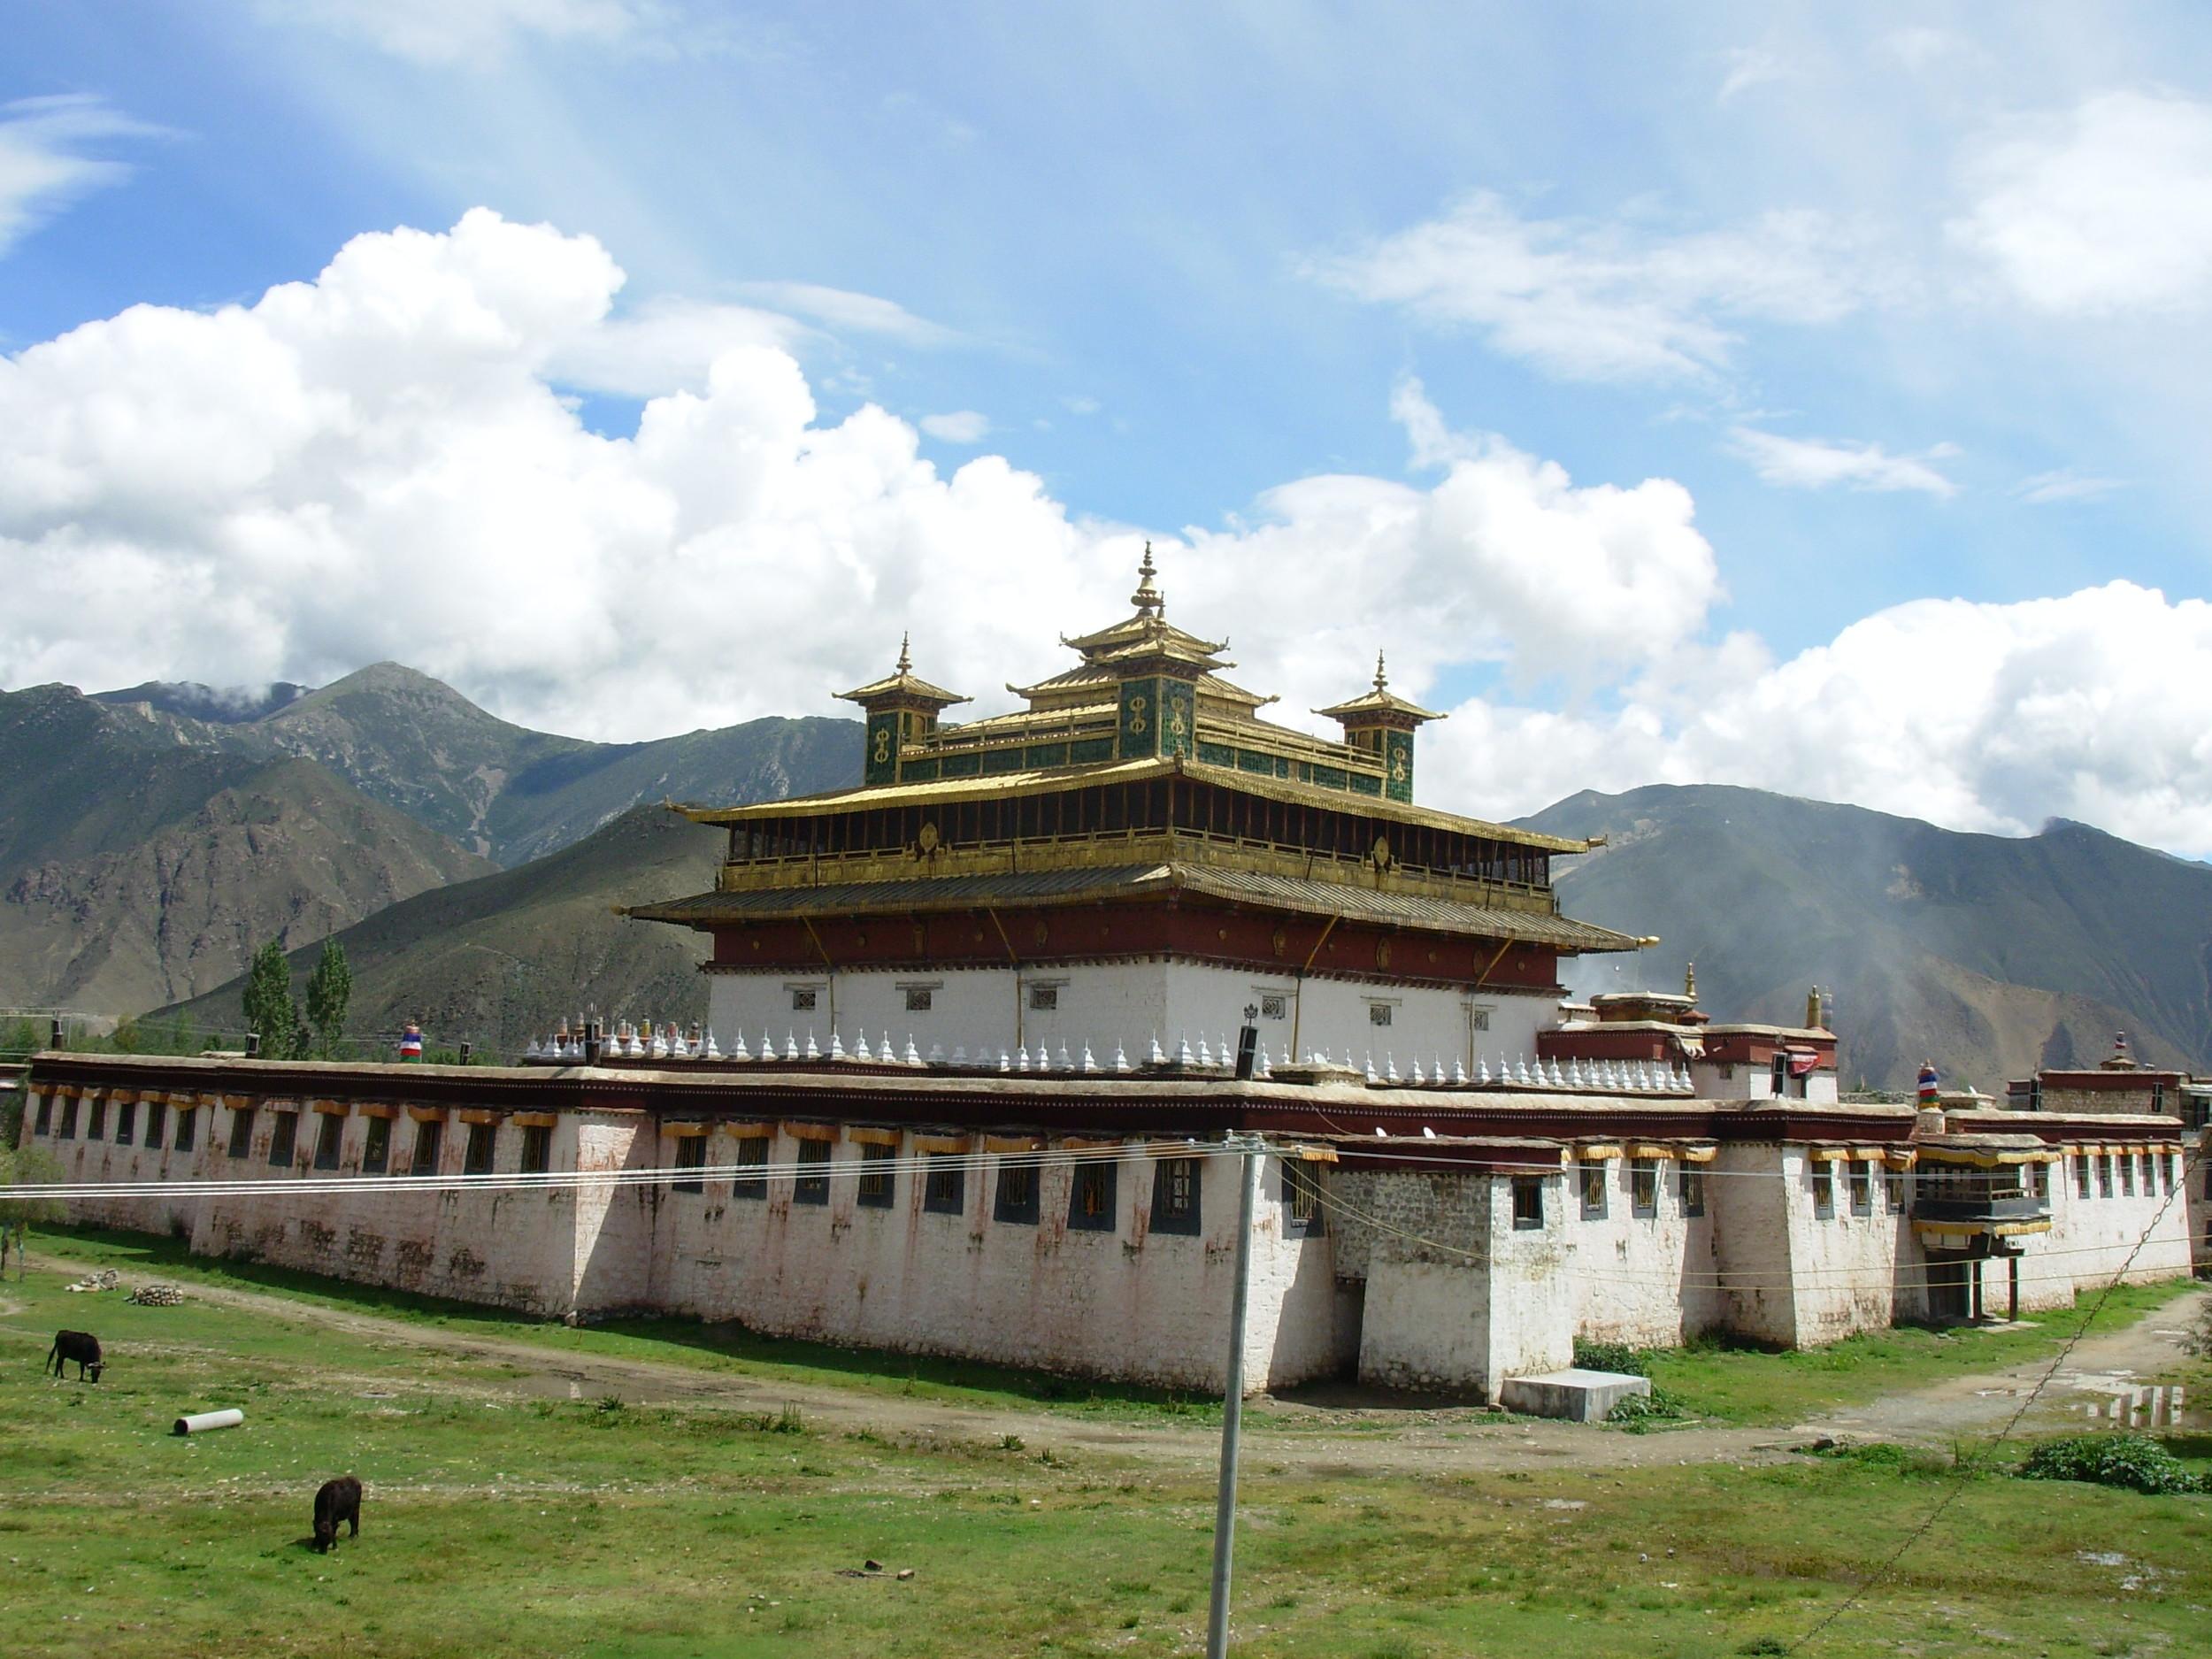 Samye Monastery- The first Buddhist monastery in Tibet